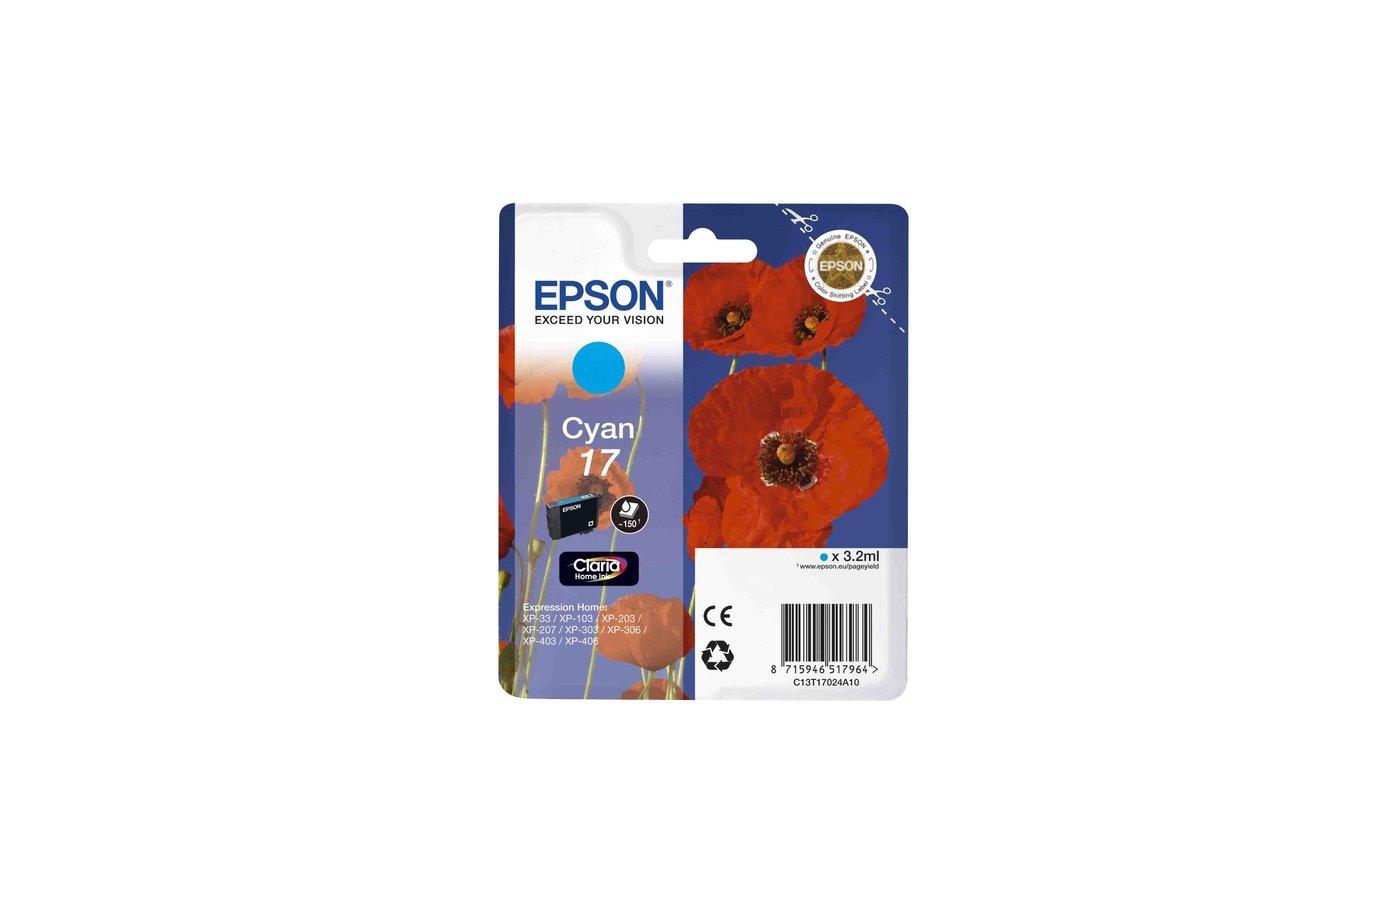 Картридж струйный Epson C13T17024A10 картридж (Cyan для XP33/203/303 (голубой))